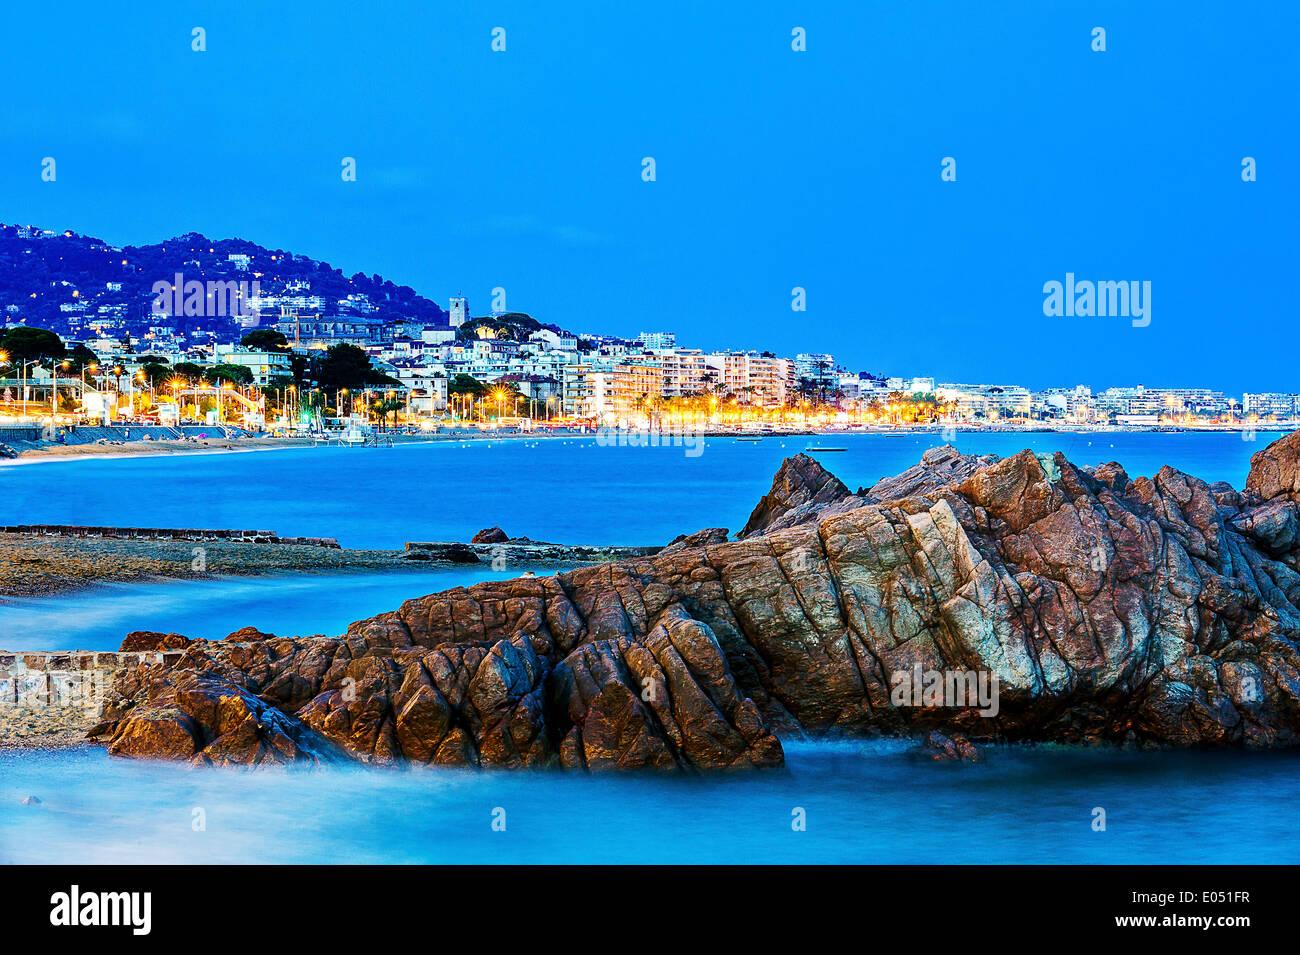 Europa, Frankreich, Alpes-Maritimes Cannes. Bucht von Cannes in der Abenddämmerung. Stockbild